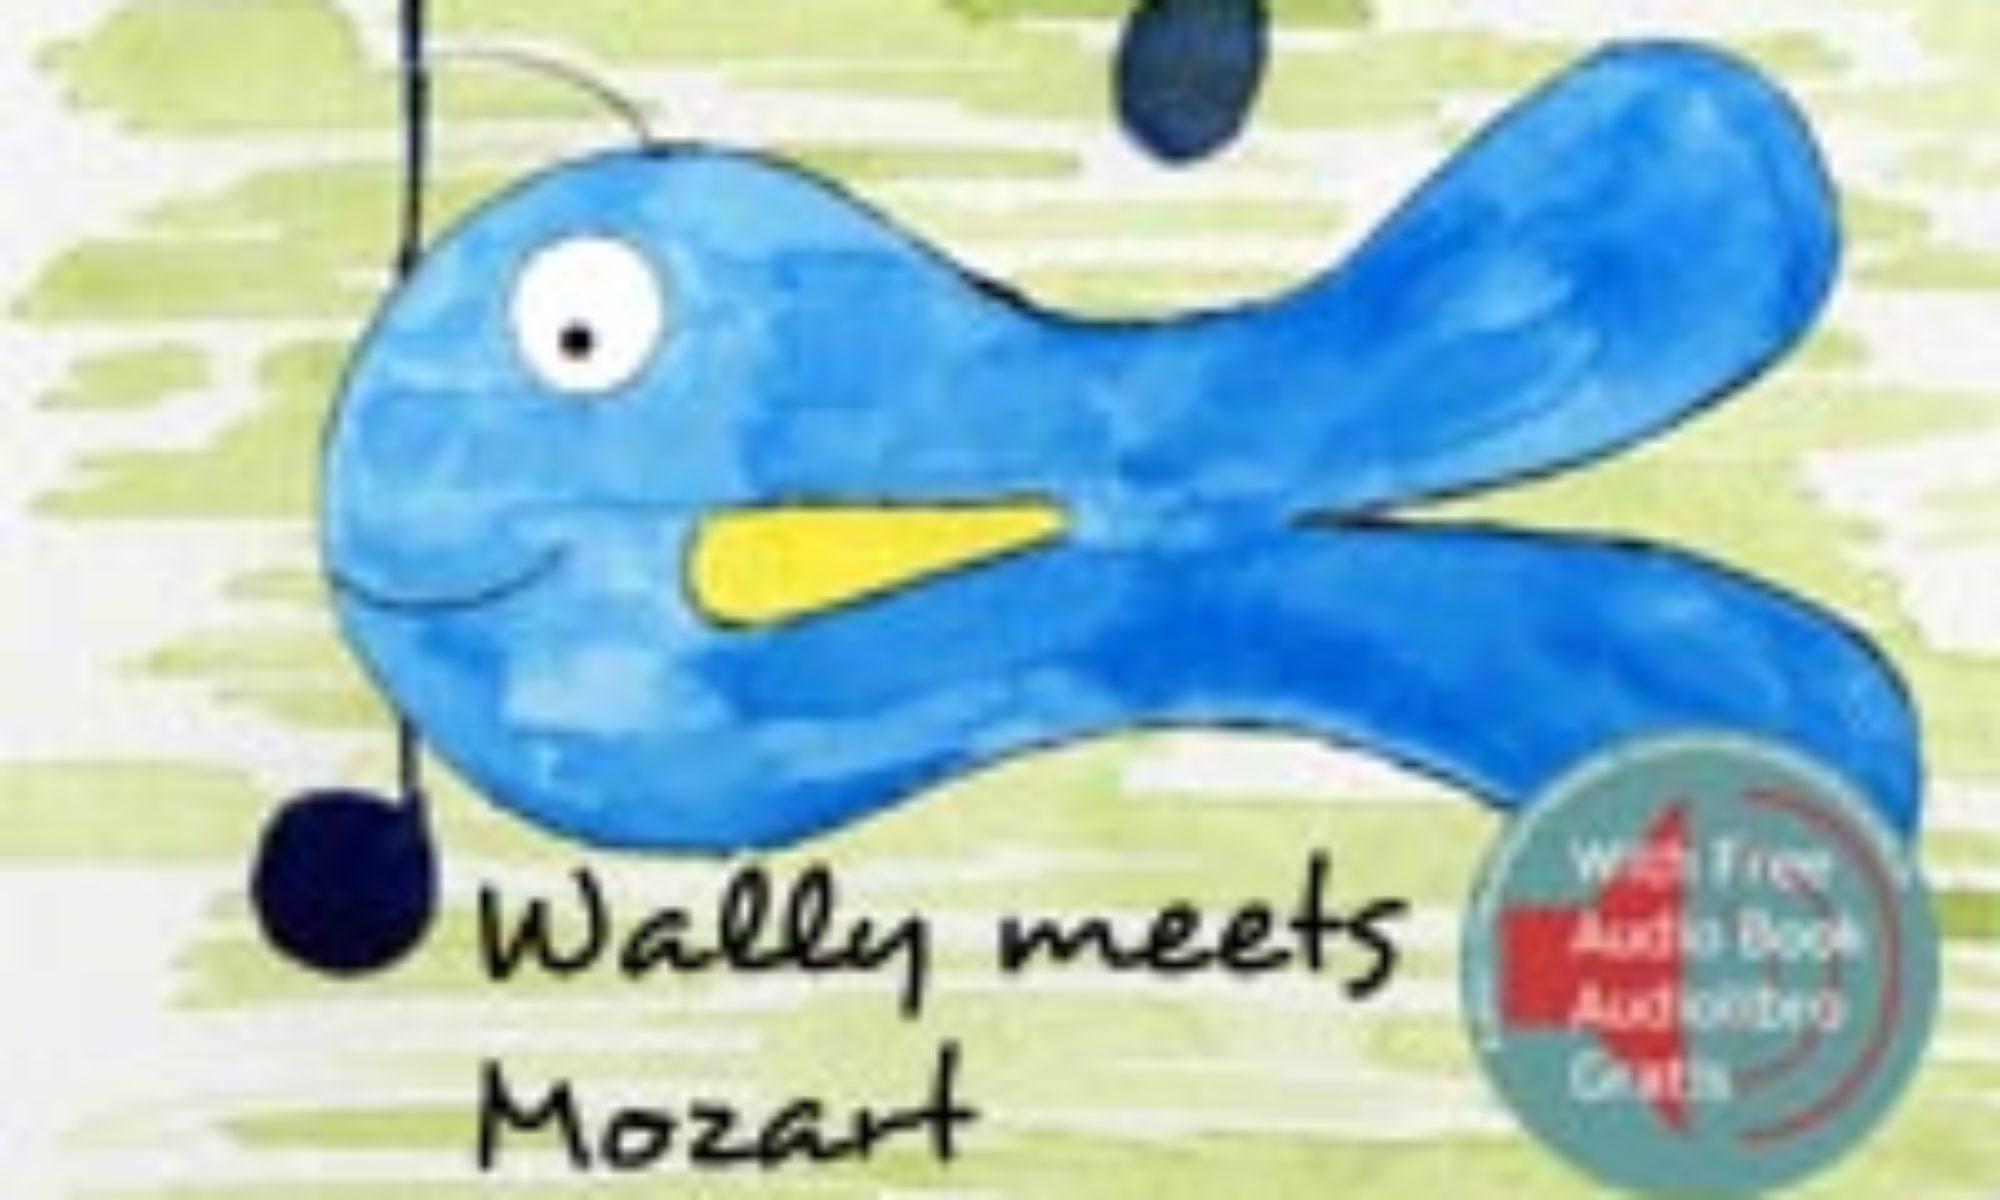 Wallymeets Kids Books